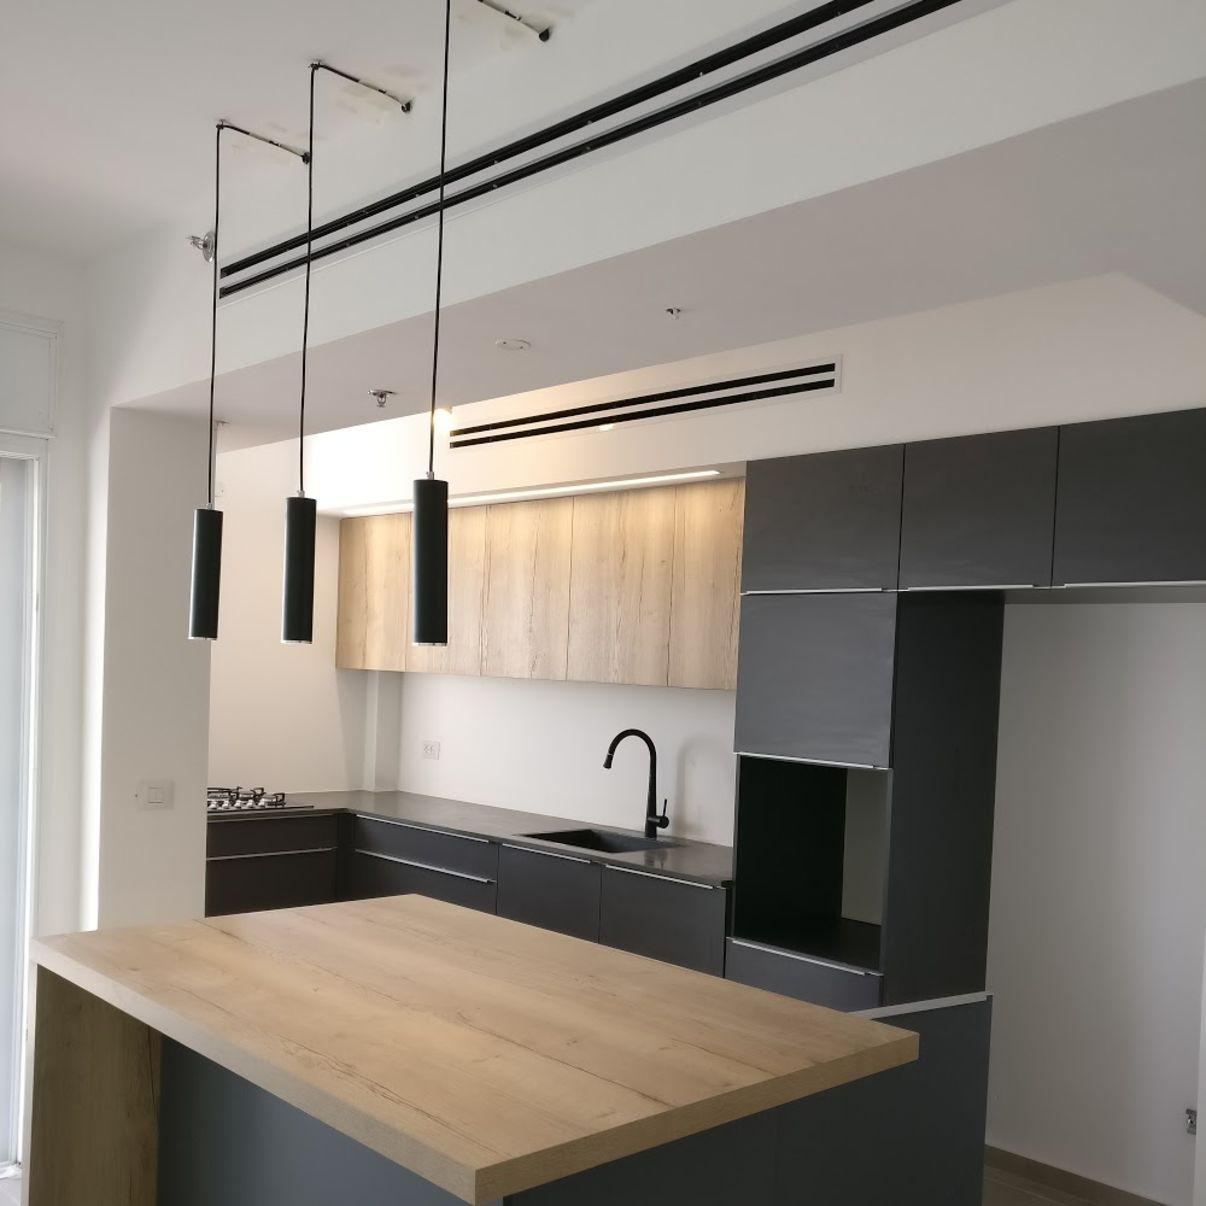 עלות שיפוץ דירה - הצעת מחיר